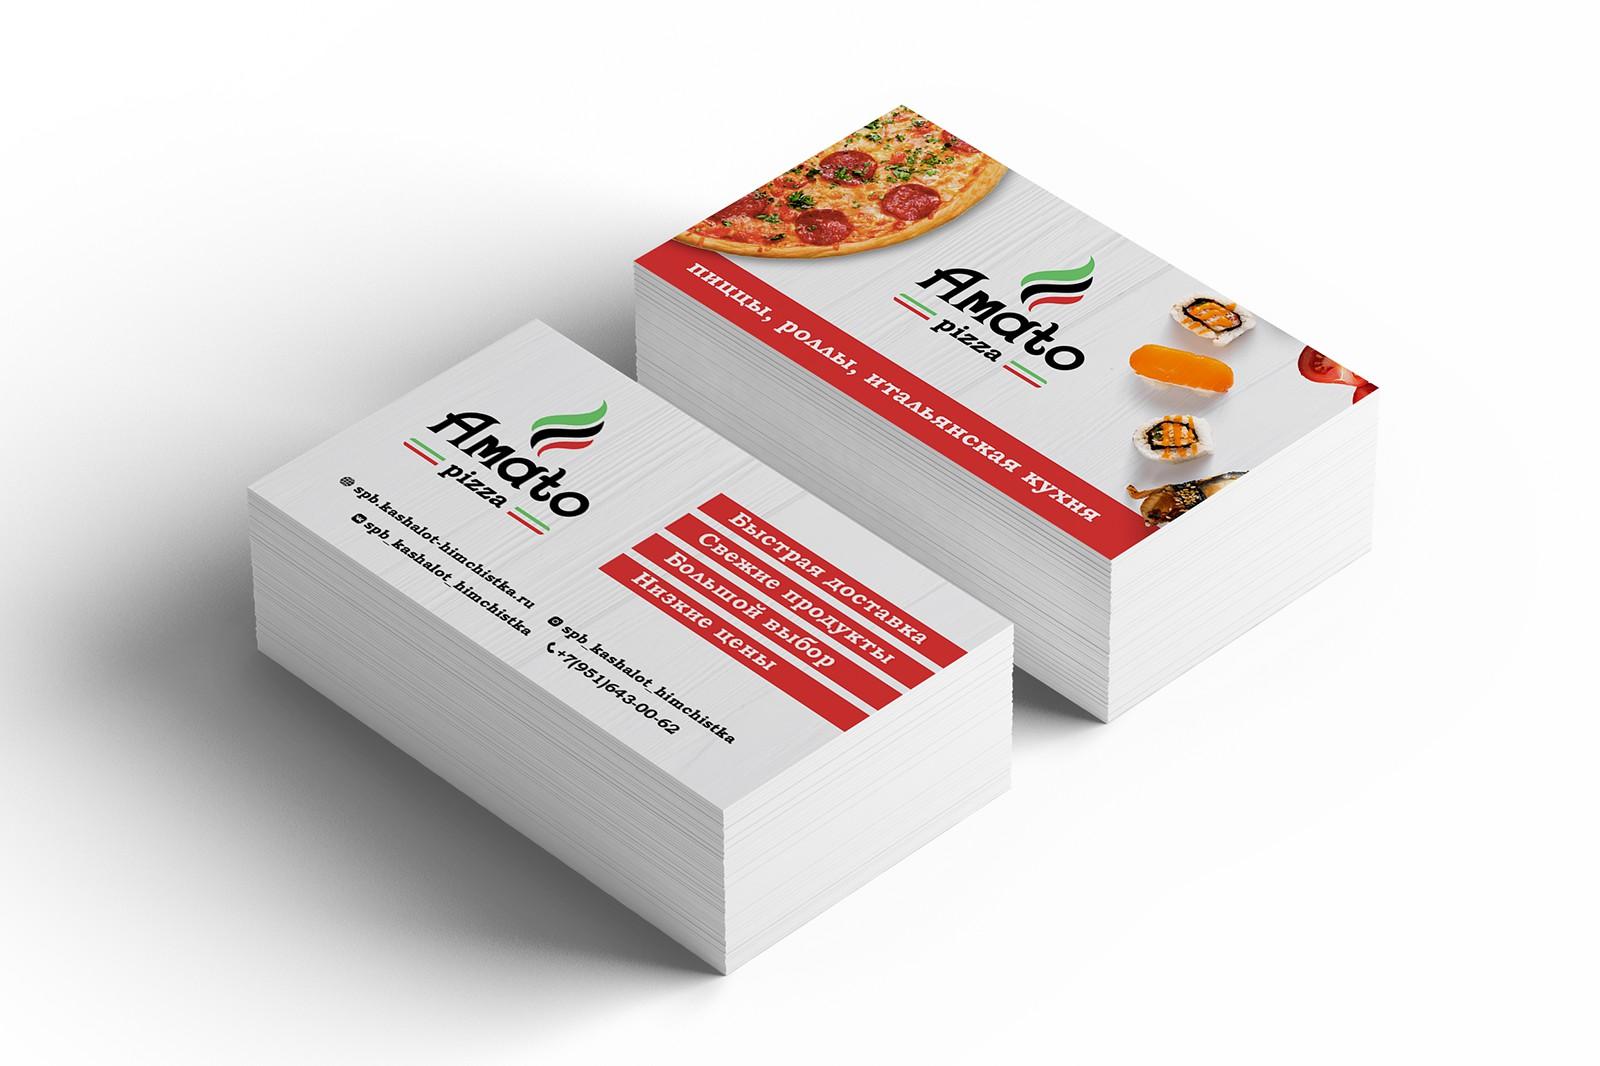 Визитки Амато пицца